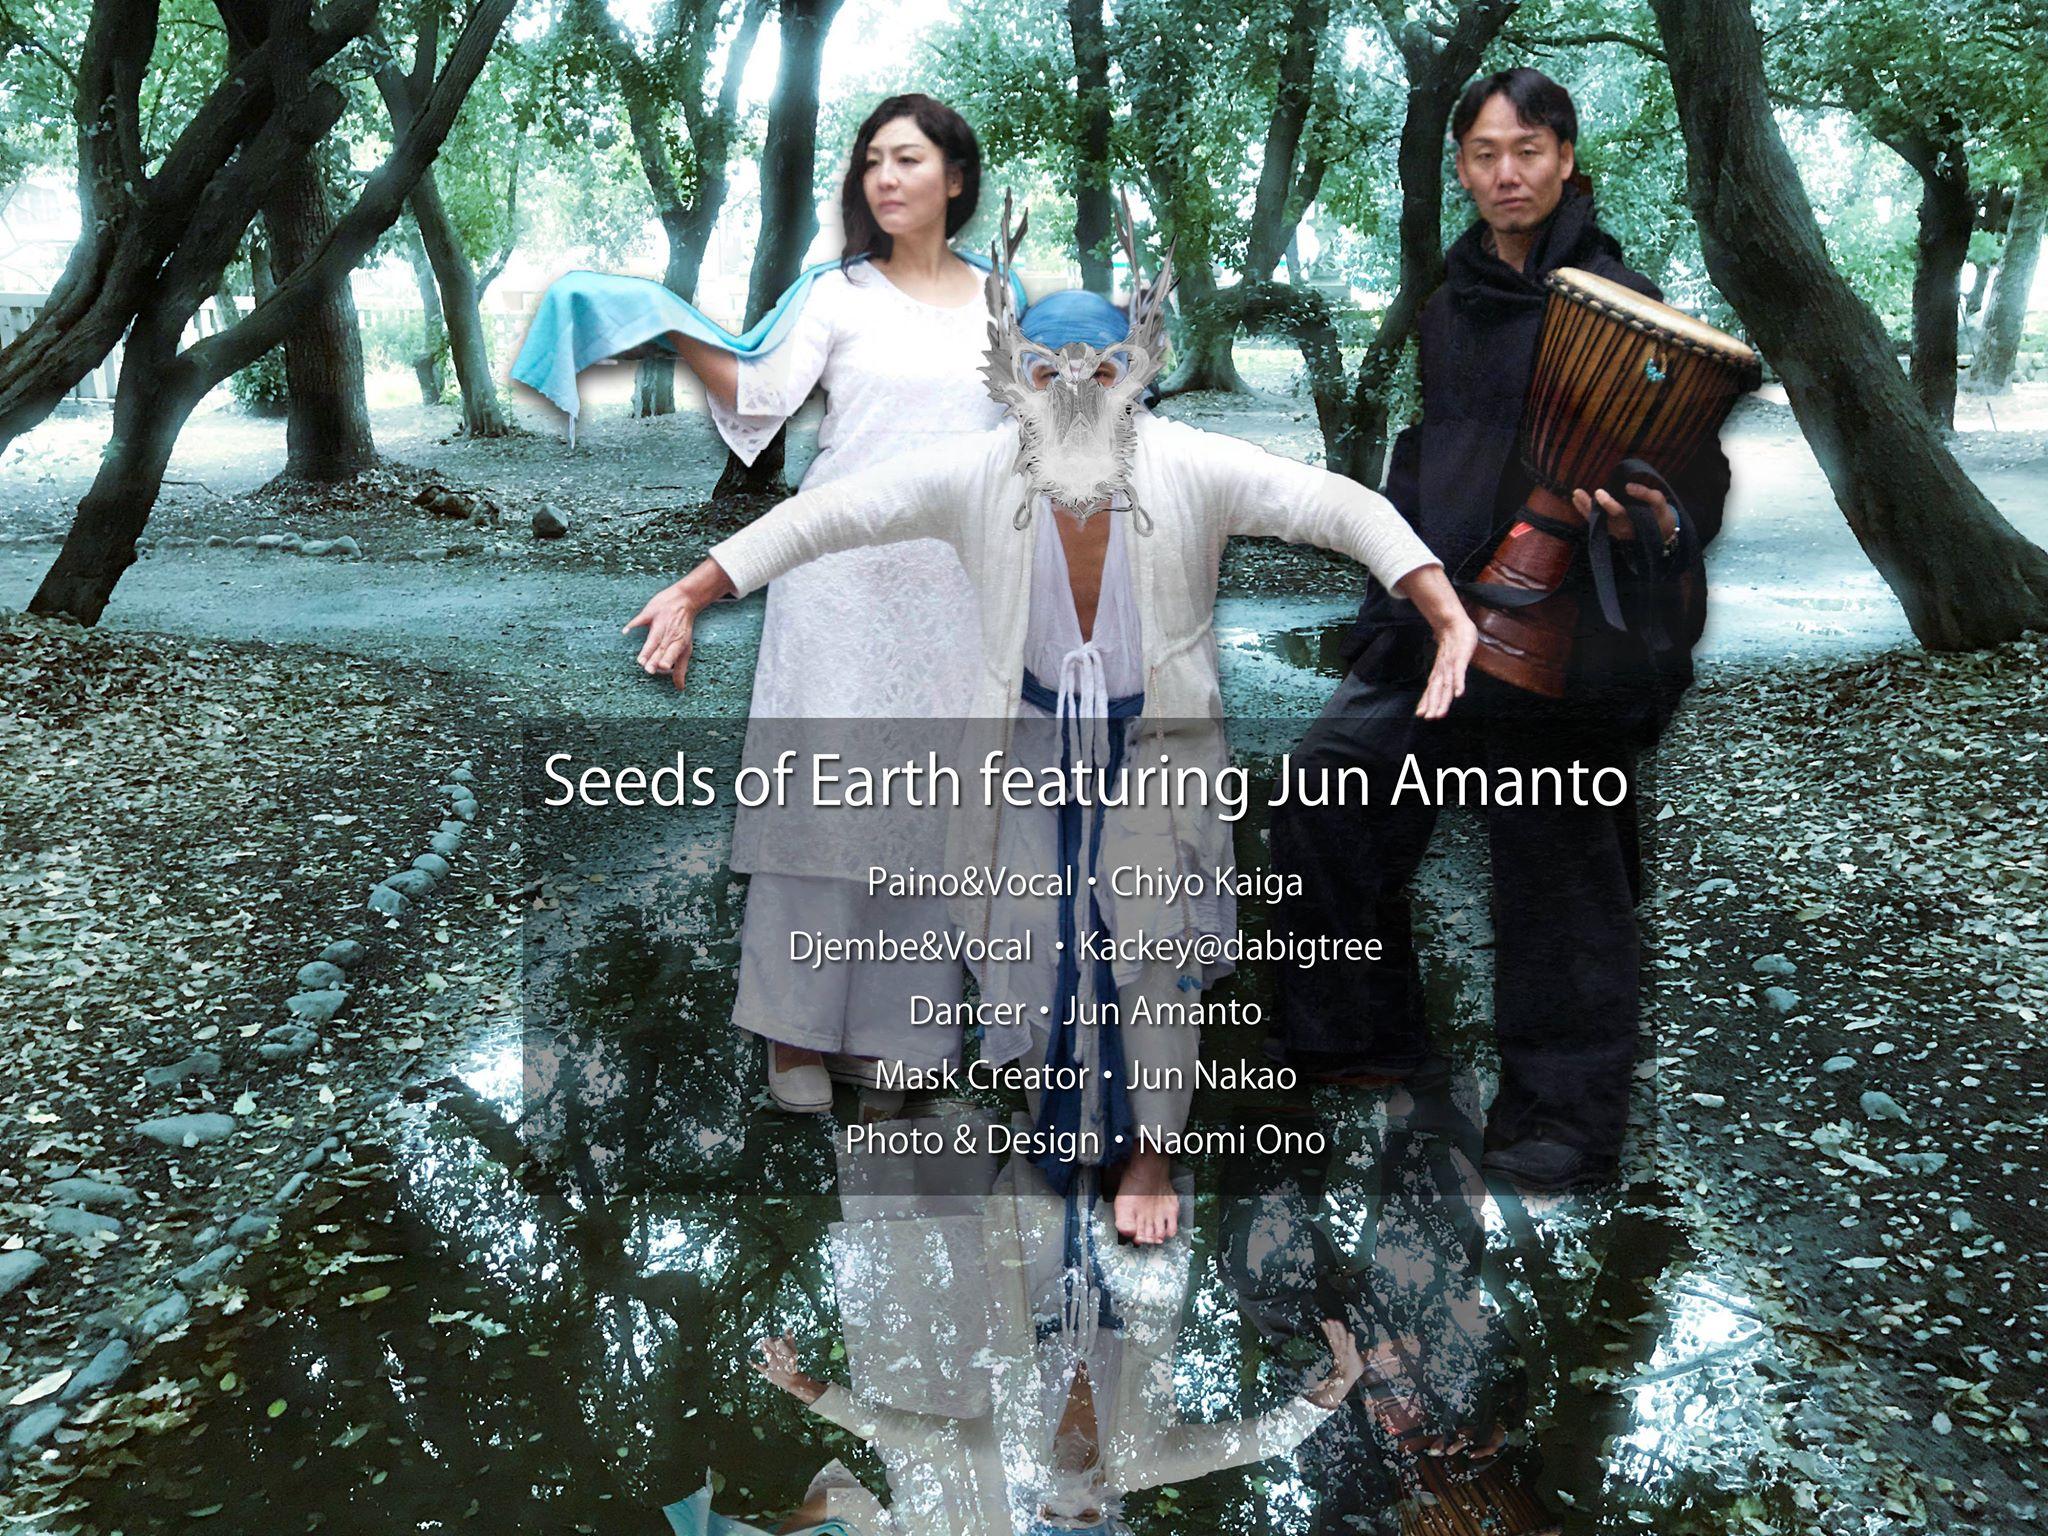 3/23|大阪中崎町|TEAM縄文|大地の種×植物音楽×ダンサー Jun Amanto